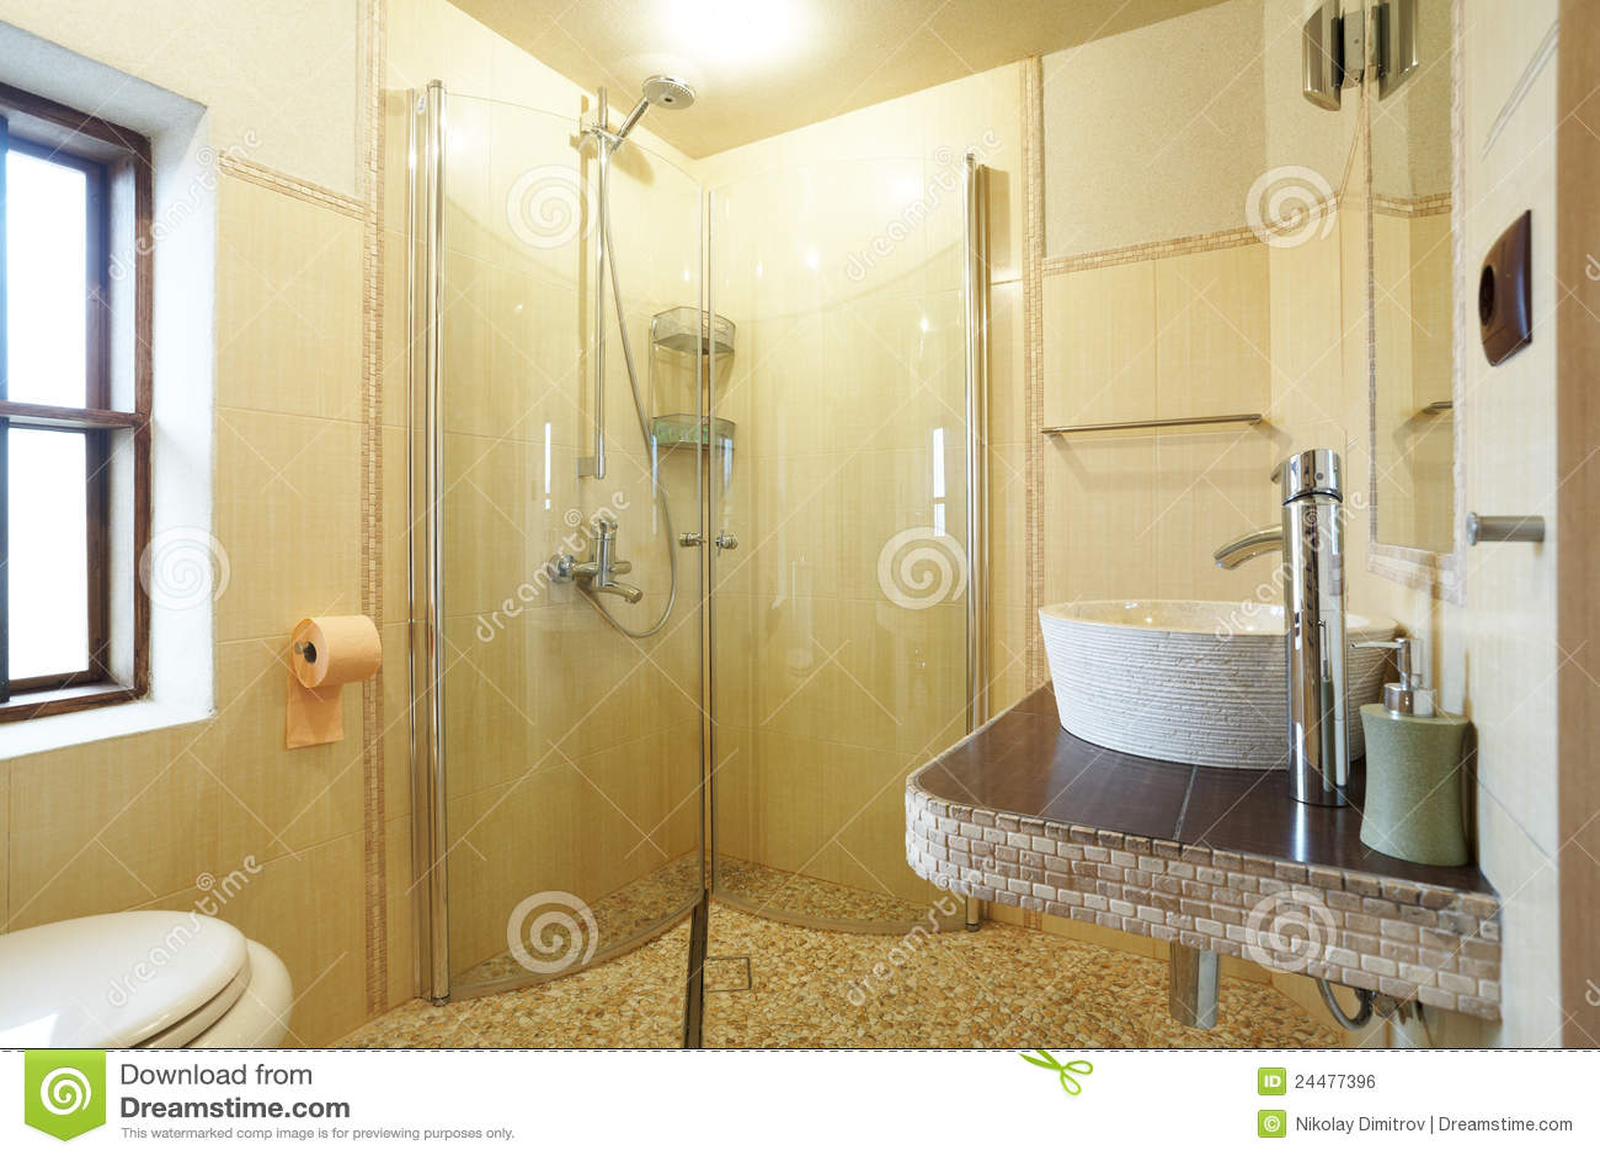 Banheiro Amarelo Moderno Imagem de Stock Royalty Free Imagem  #82A328 1300x957 Banheiro Branco Moderno